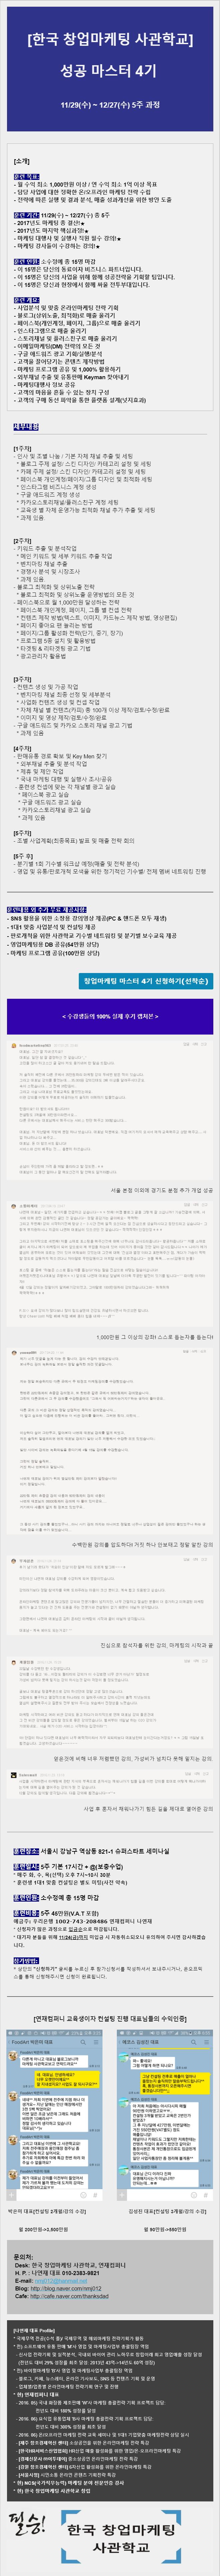 [한국 창업마케팅 사관학교] 창업마케팅 성공마스터 4기 [15명 소수정예] (~11/27)